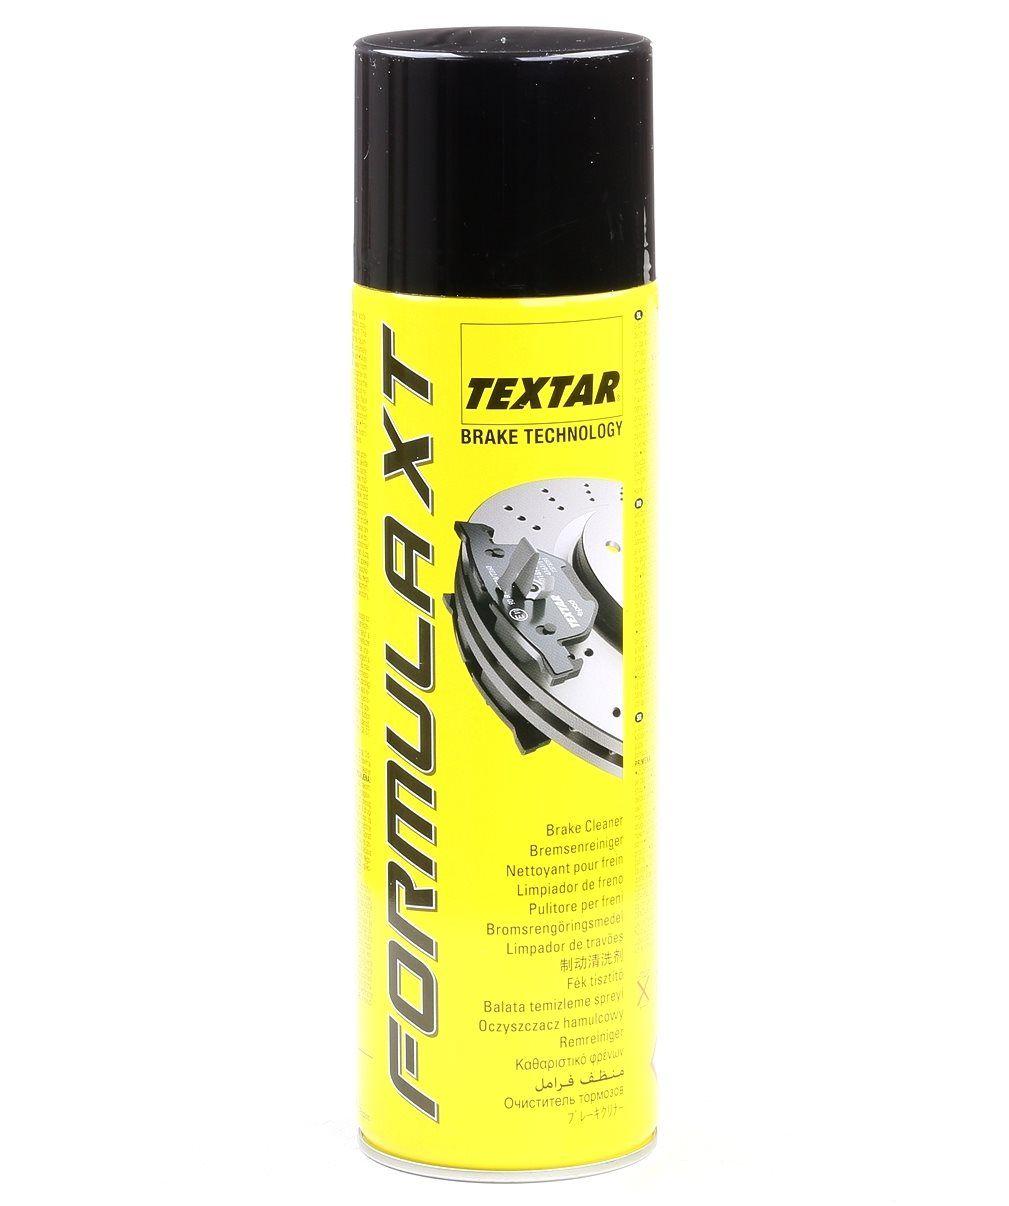 Spray curatare frane si ambreiaj TEXTAR 500ml